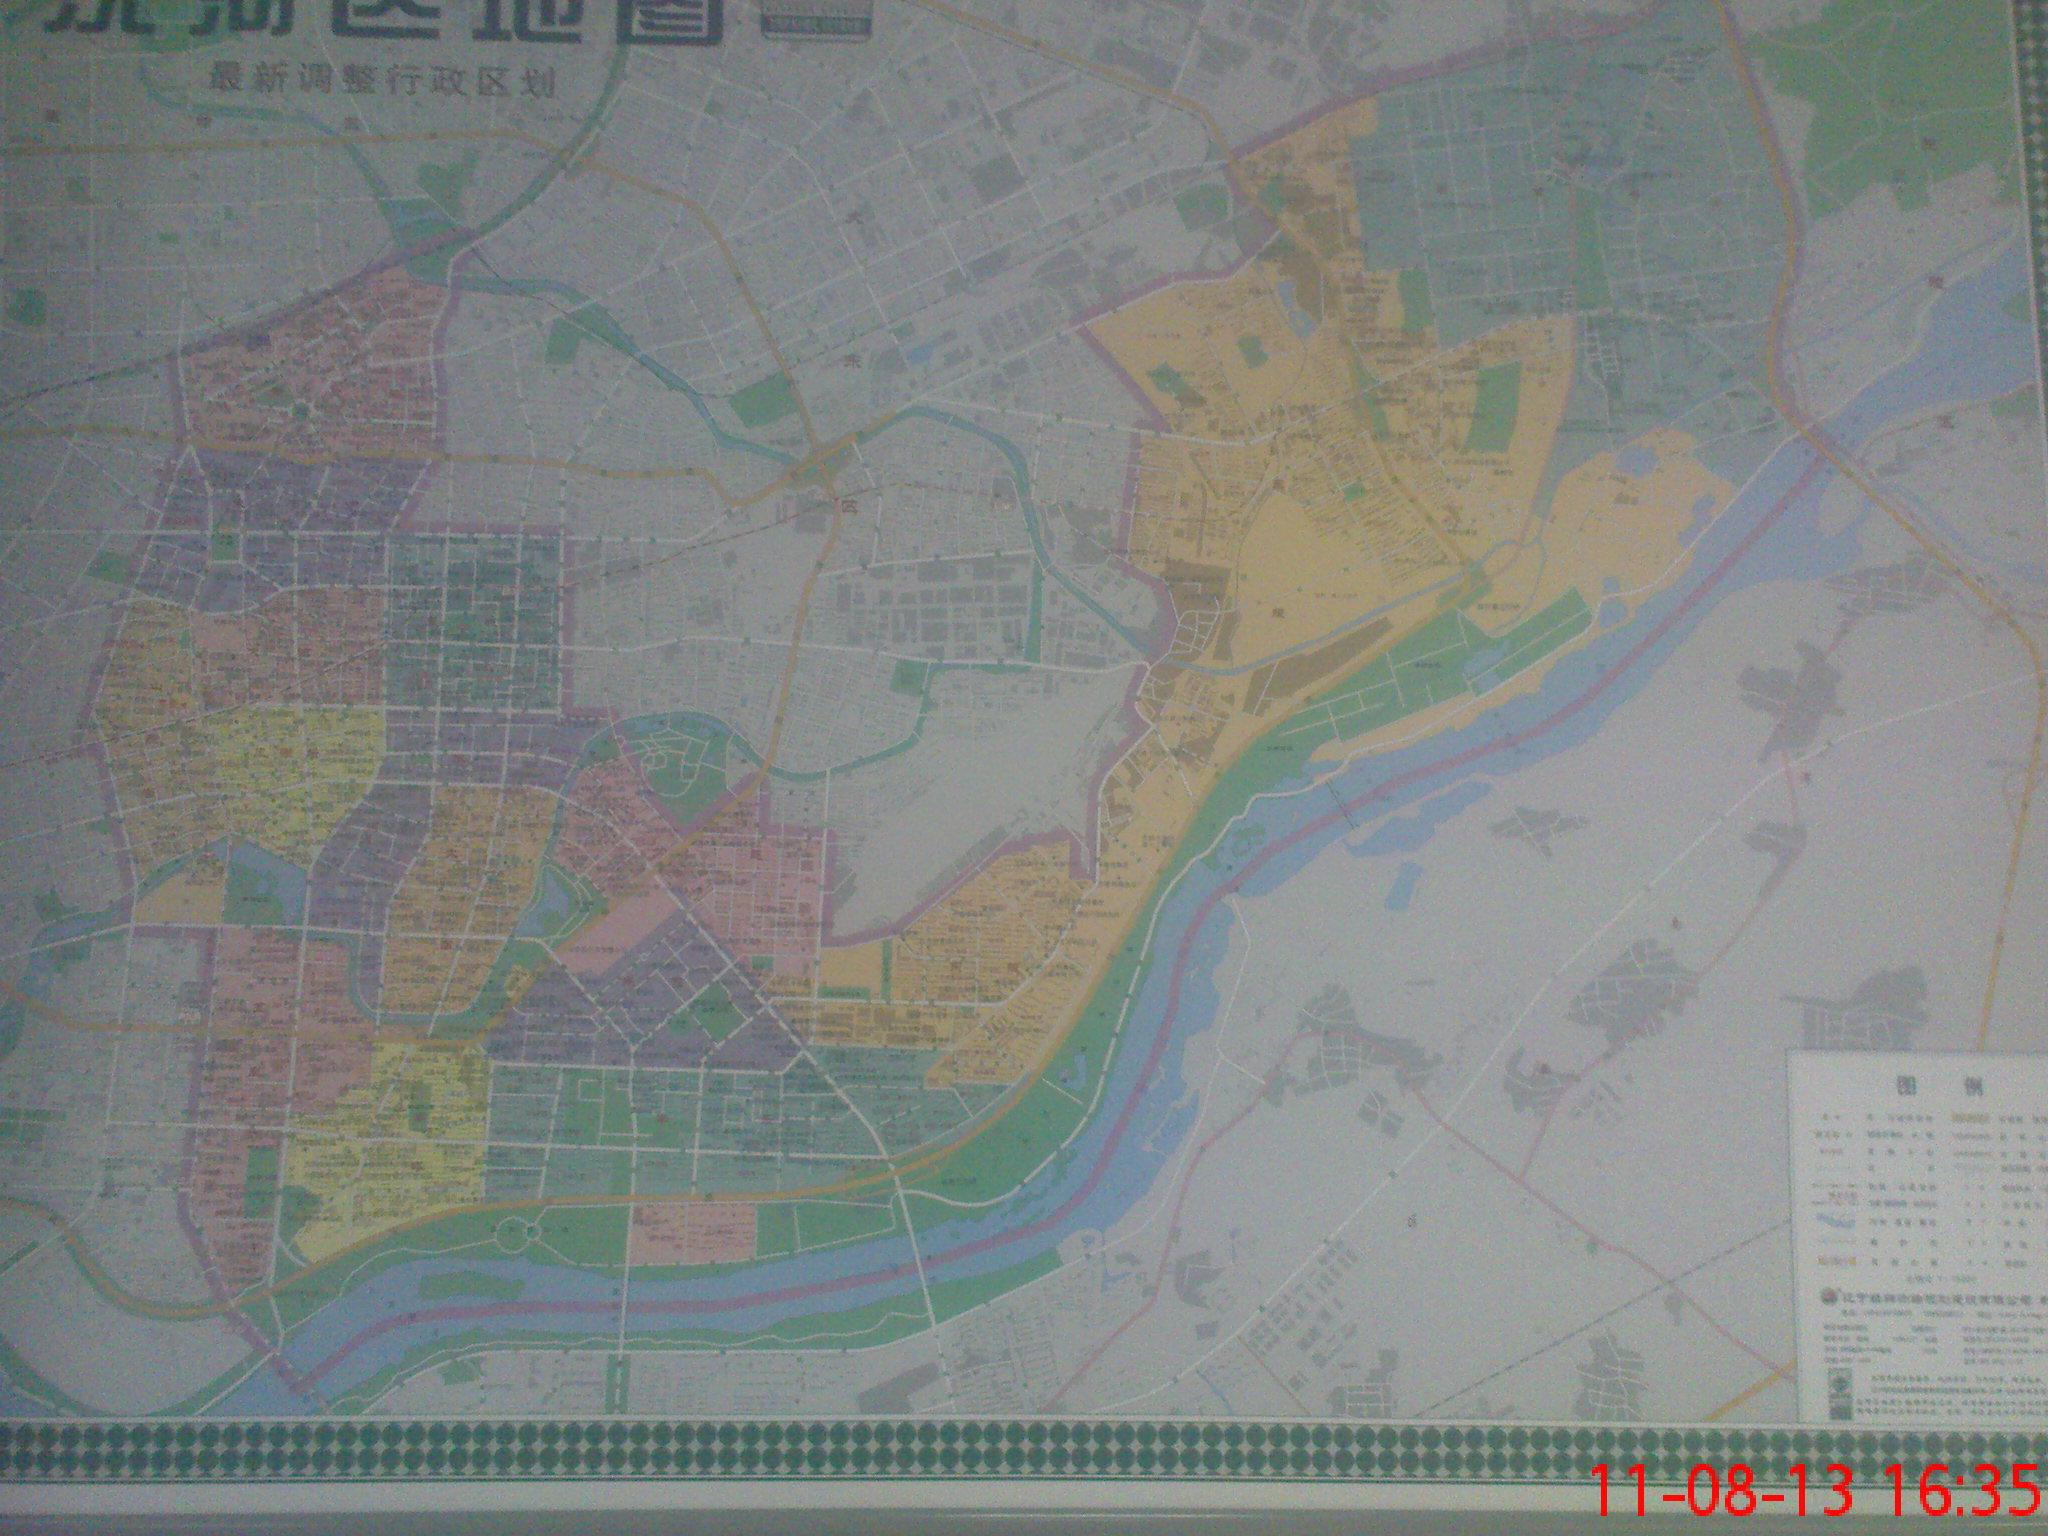 沈阳市各区最新调整行政区划地图(不给力的手机照的,很不清晰,凑合看